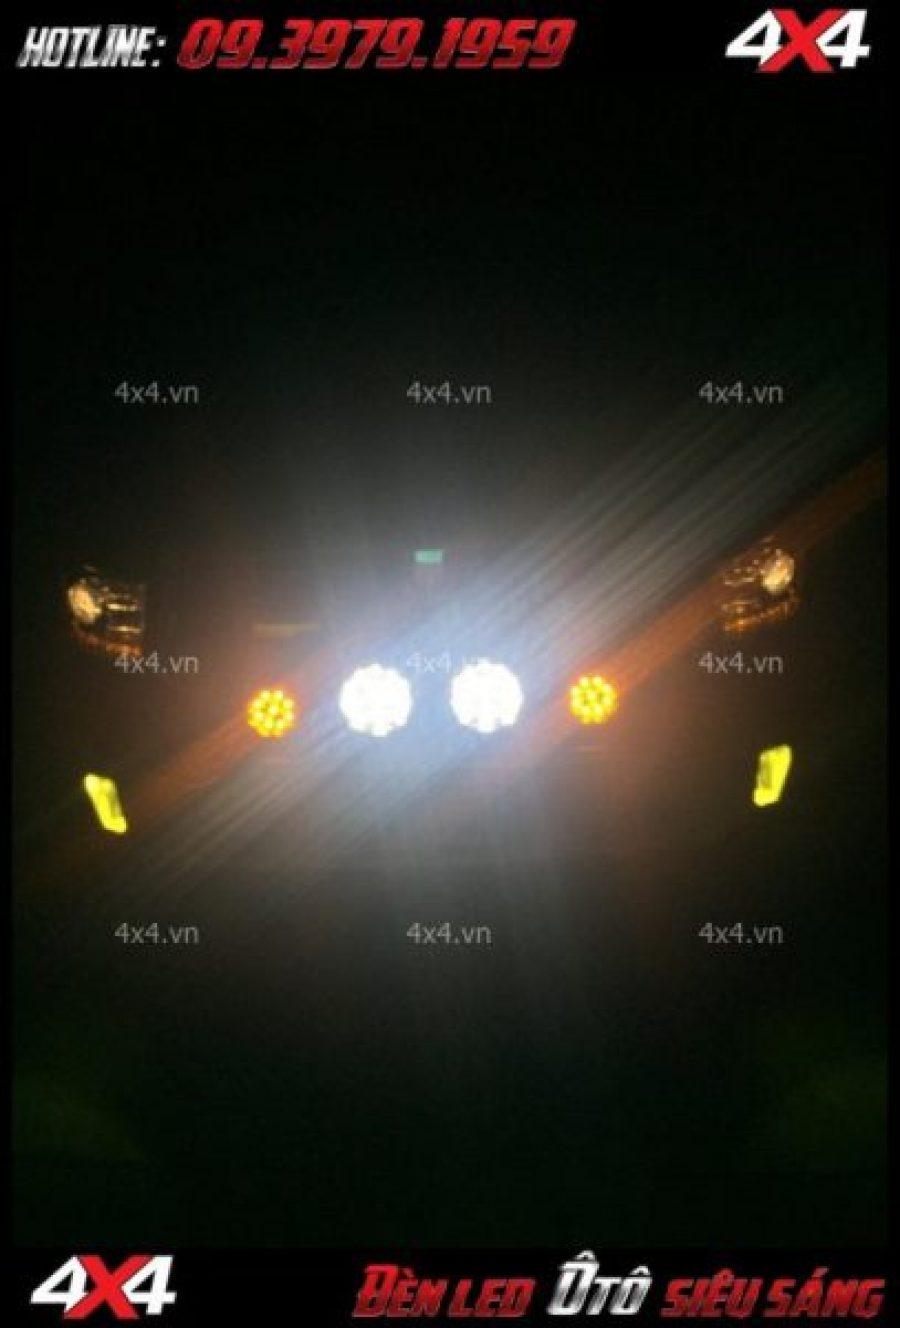 Ánh sáng của đèn tròn và đèn vuông khi lắp cho xe ô tô bán tải và xe hơi